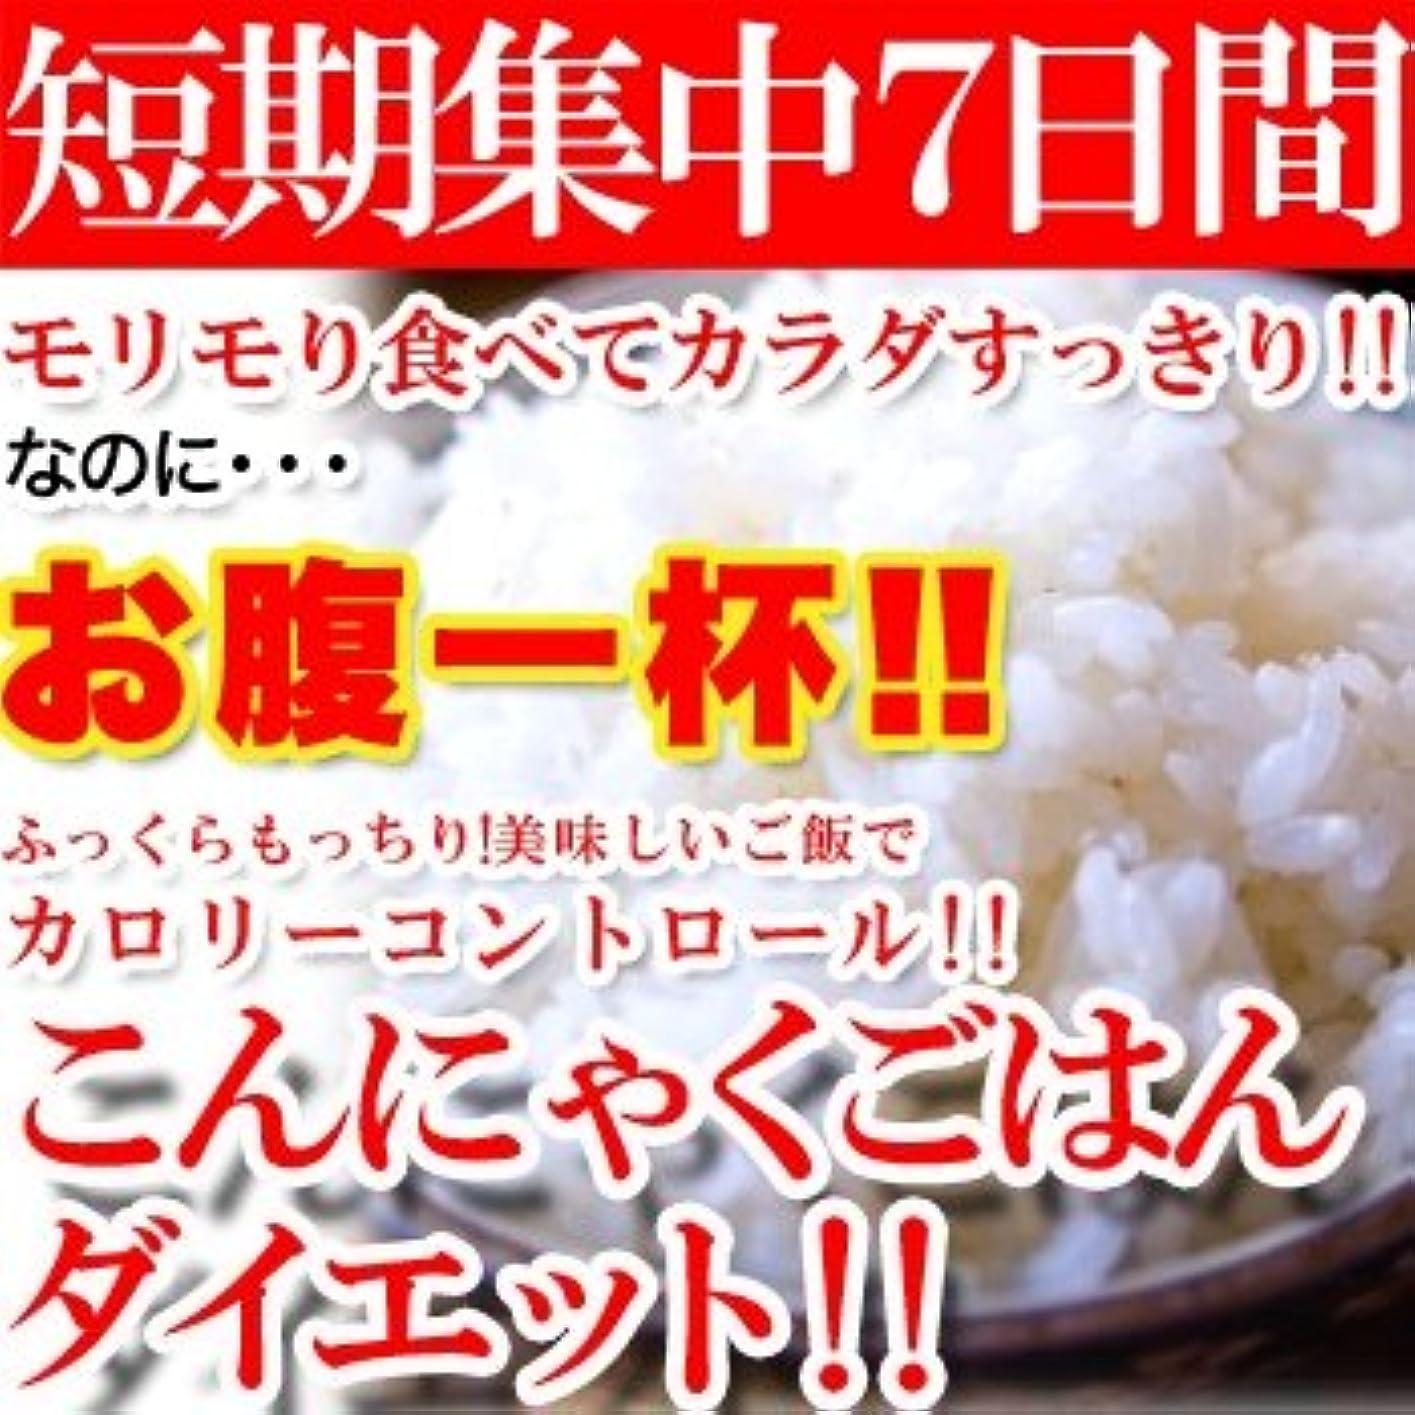 考慮設計図具体的に【短期集中☆】7日間こんにゃくごはんダイエット! 4個セット ※「白いご飯」、「炭水化物」好きの方必見!いつものご飯に混ぜて炊くだけ!